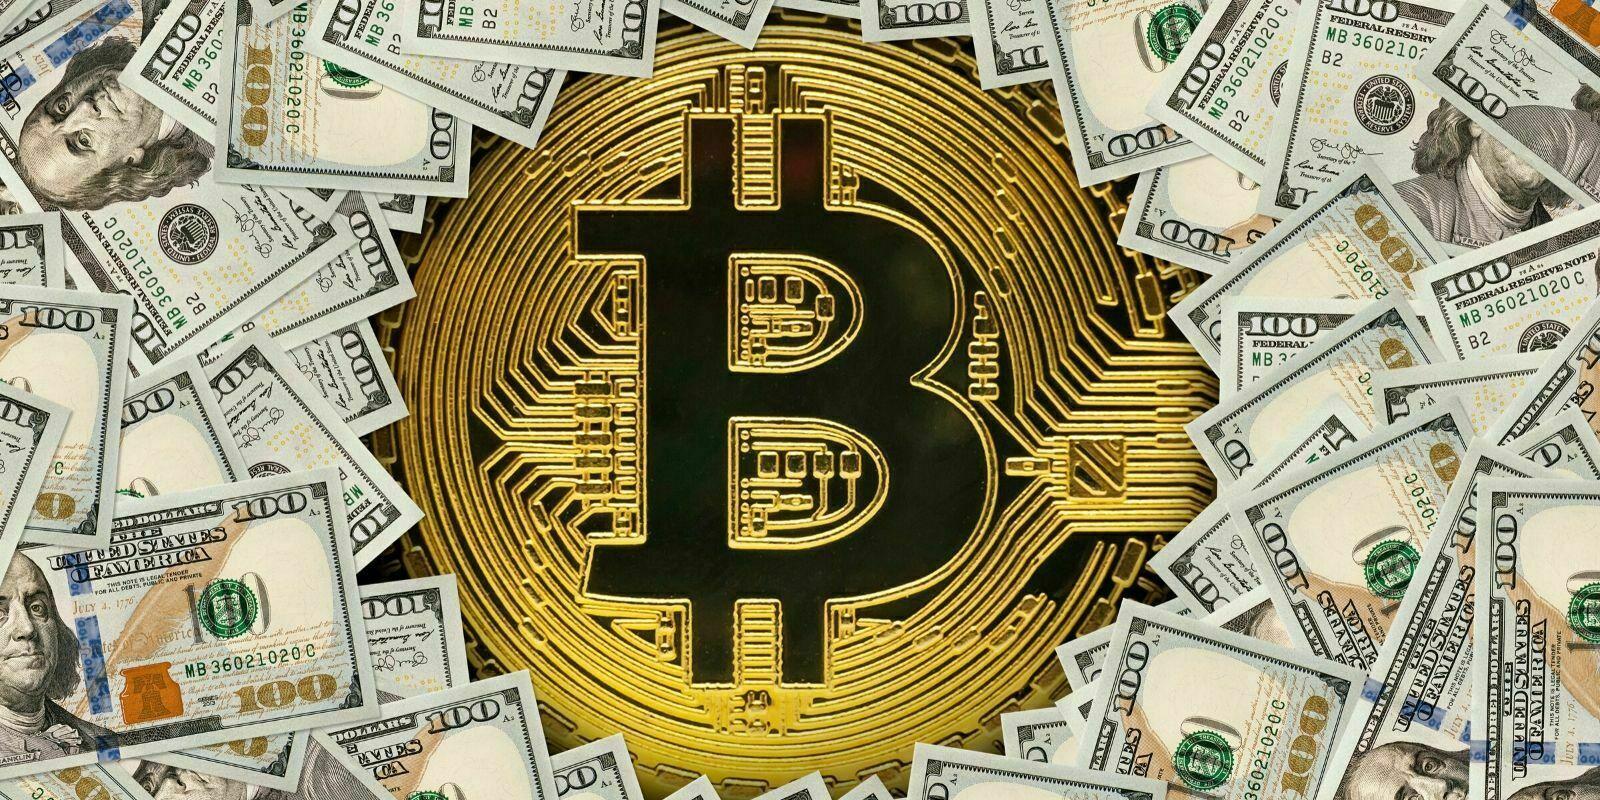 Obtenir du Bitcoin à moitié prix pour le halving, l'offre limitée de Crypto.com